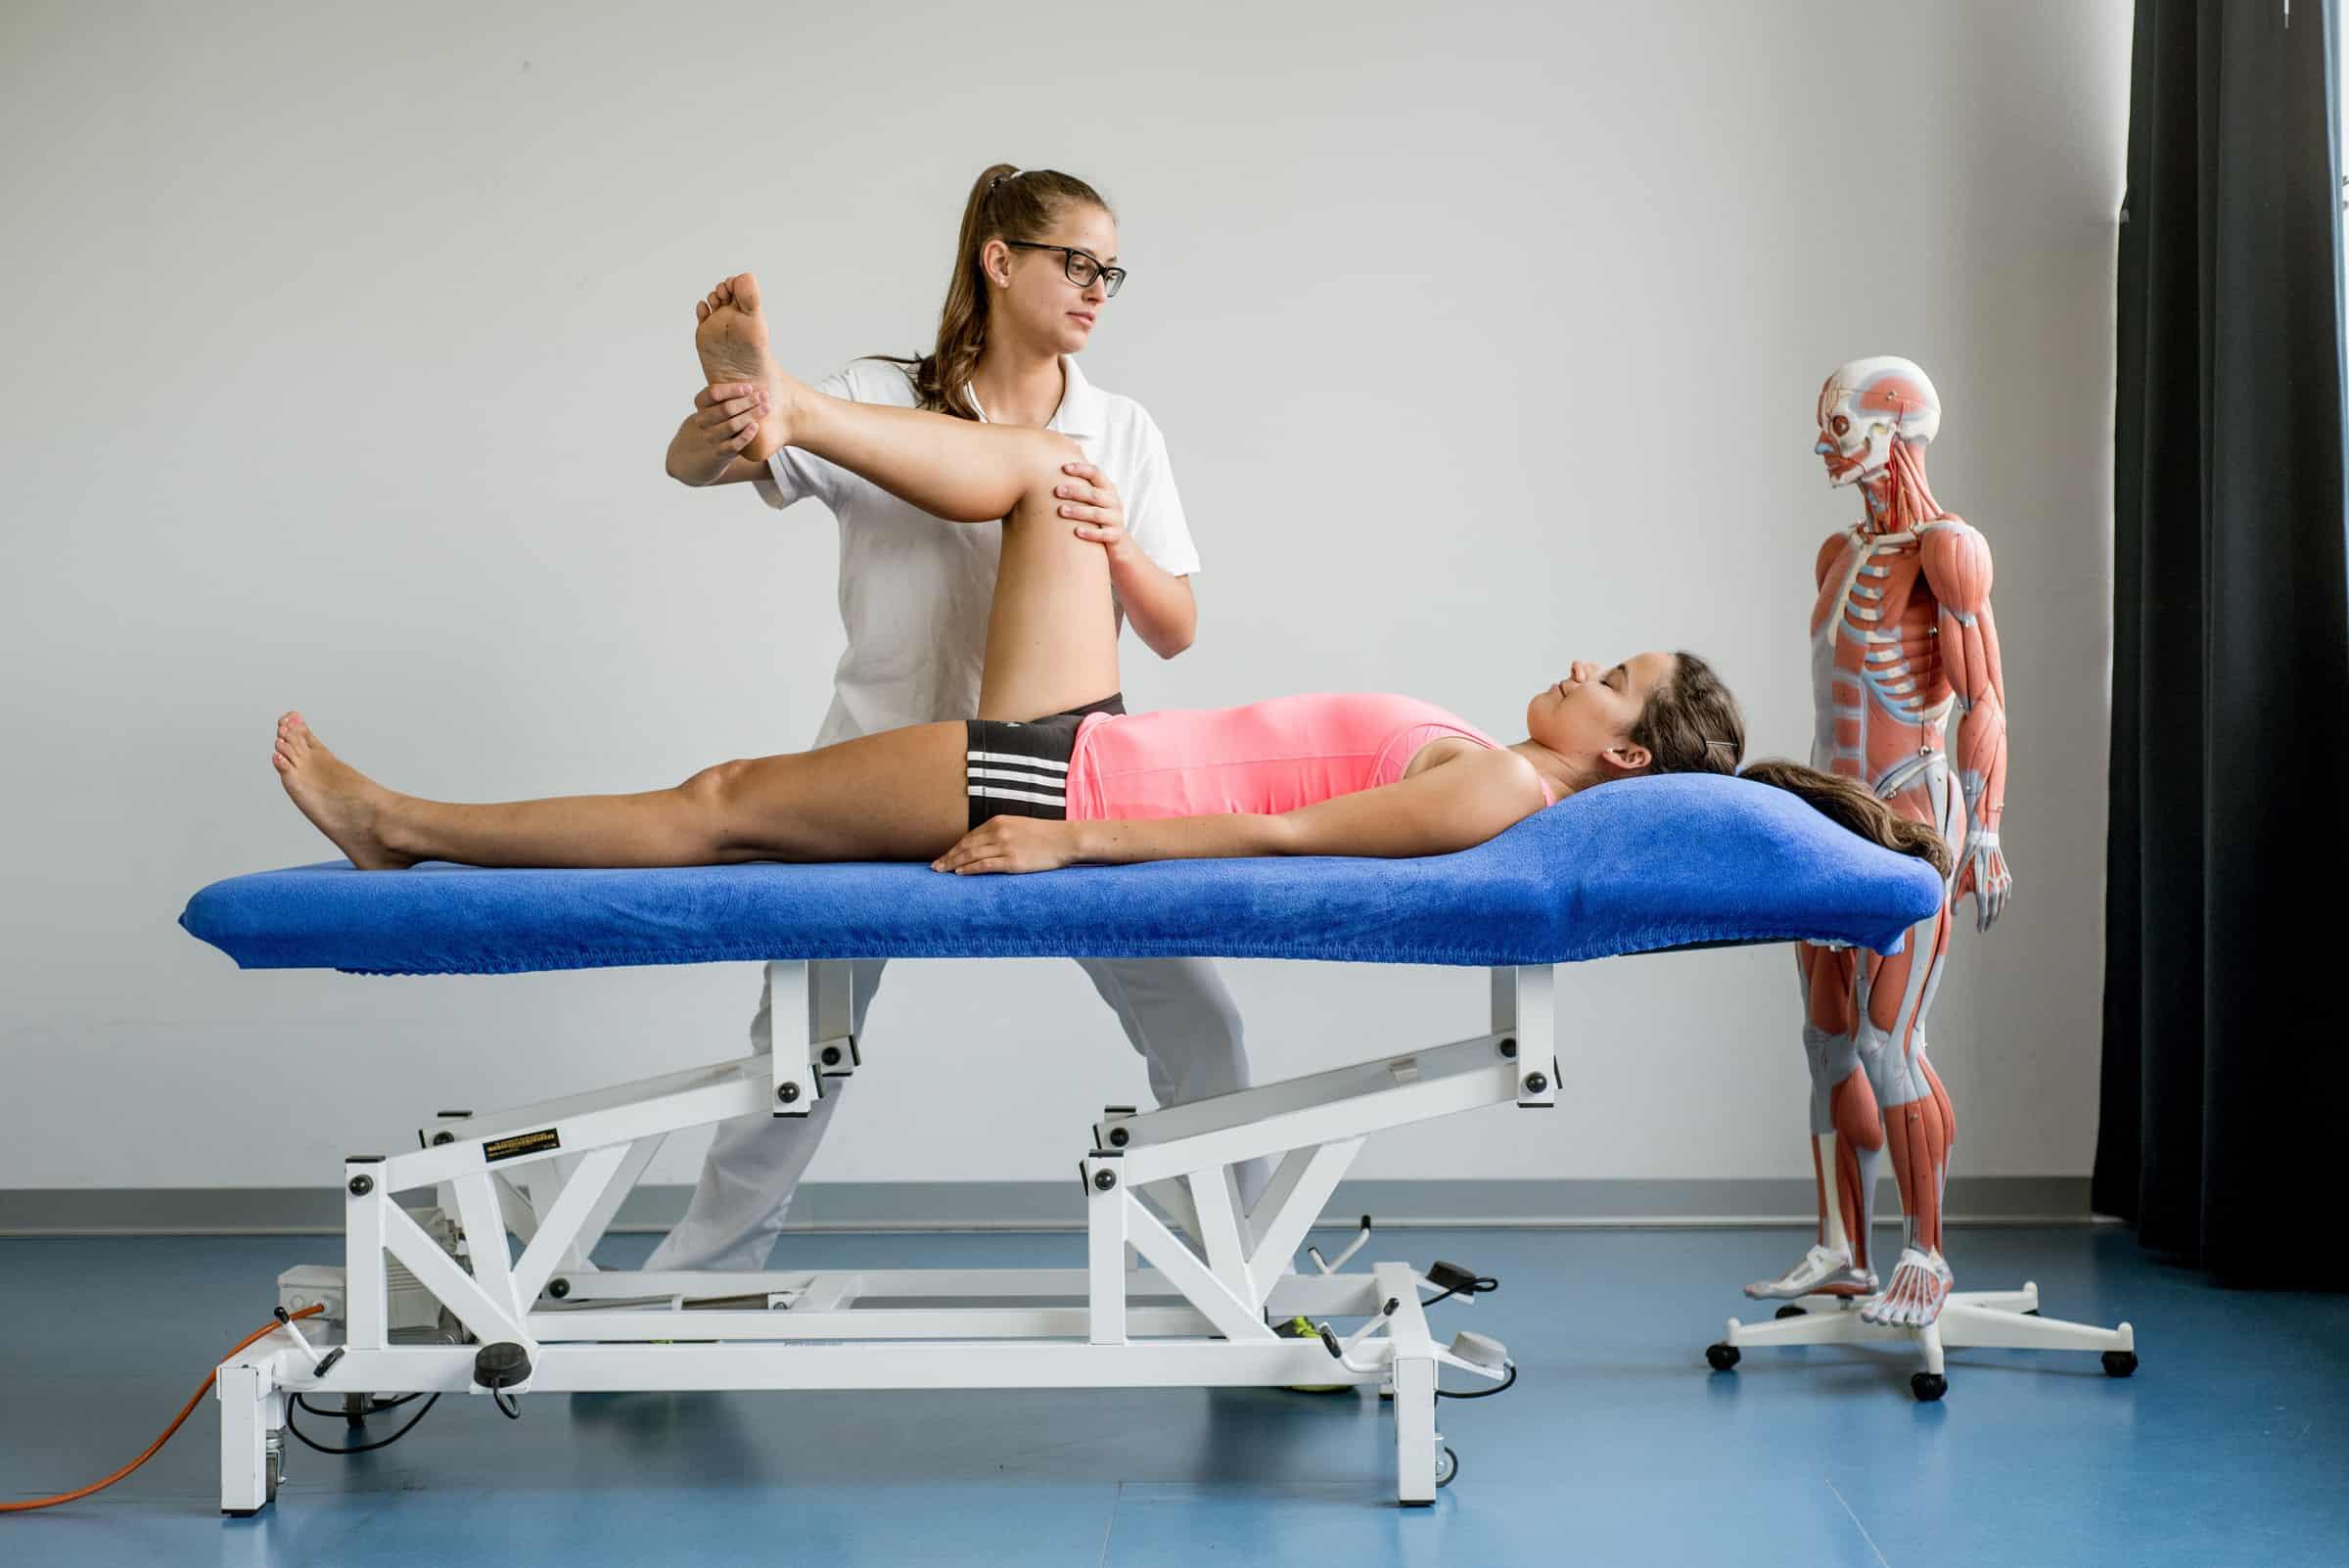 Dame auf einer Liege in physiotherapeutischer Behandlung einer anderen Frau